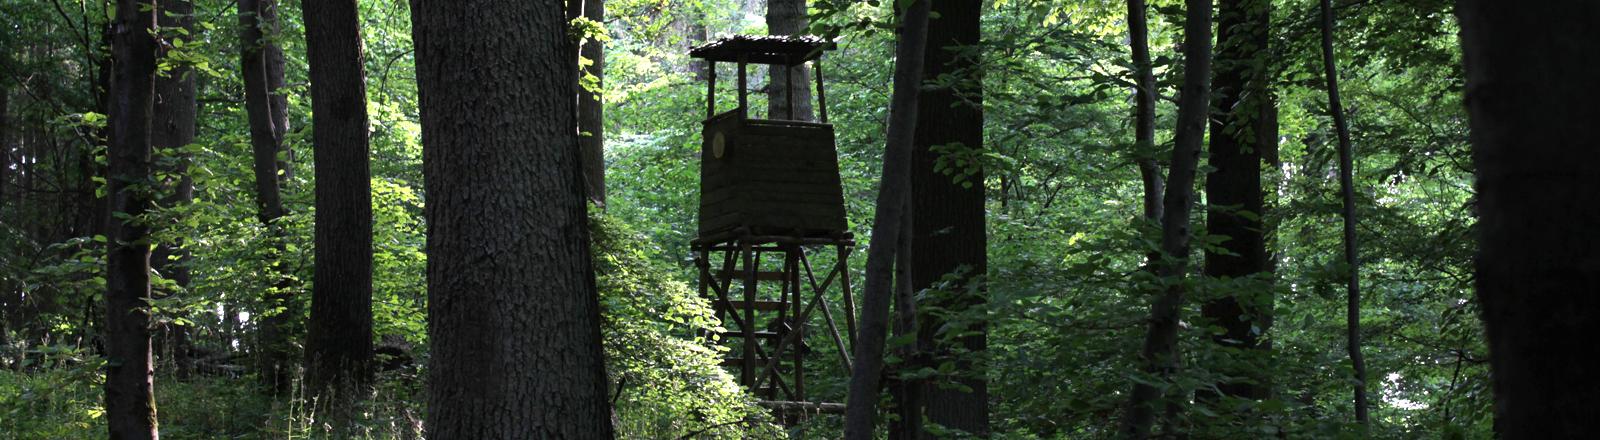 Ein Hochsitz für Jäger im Wald